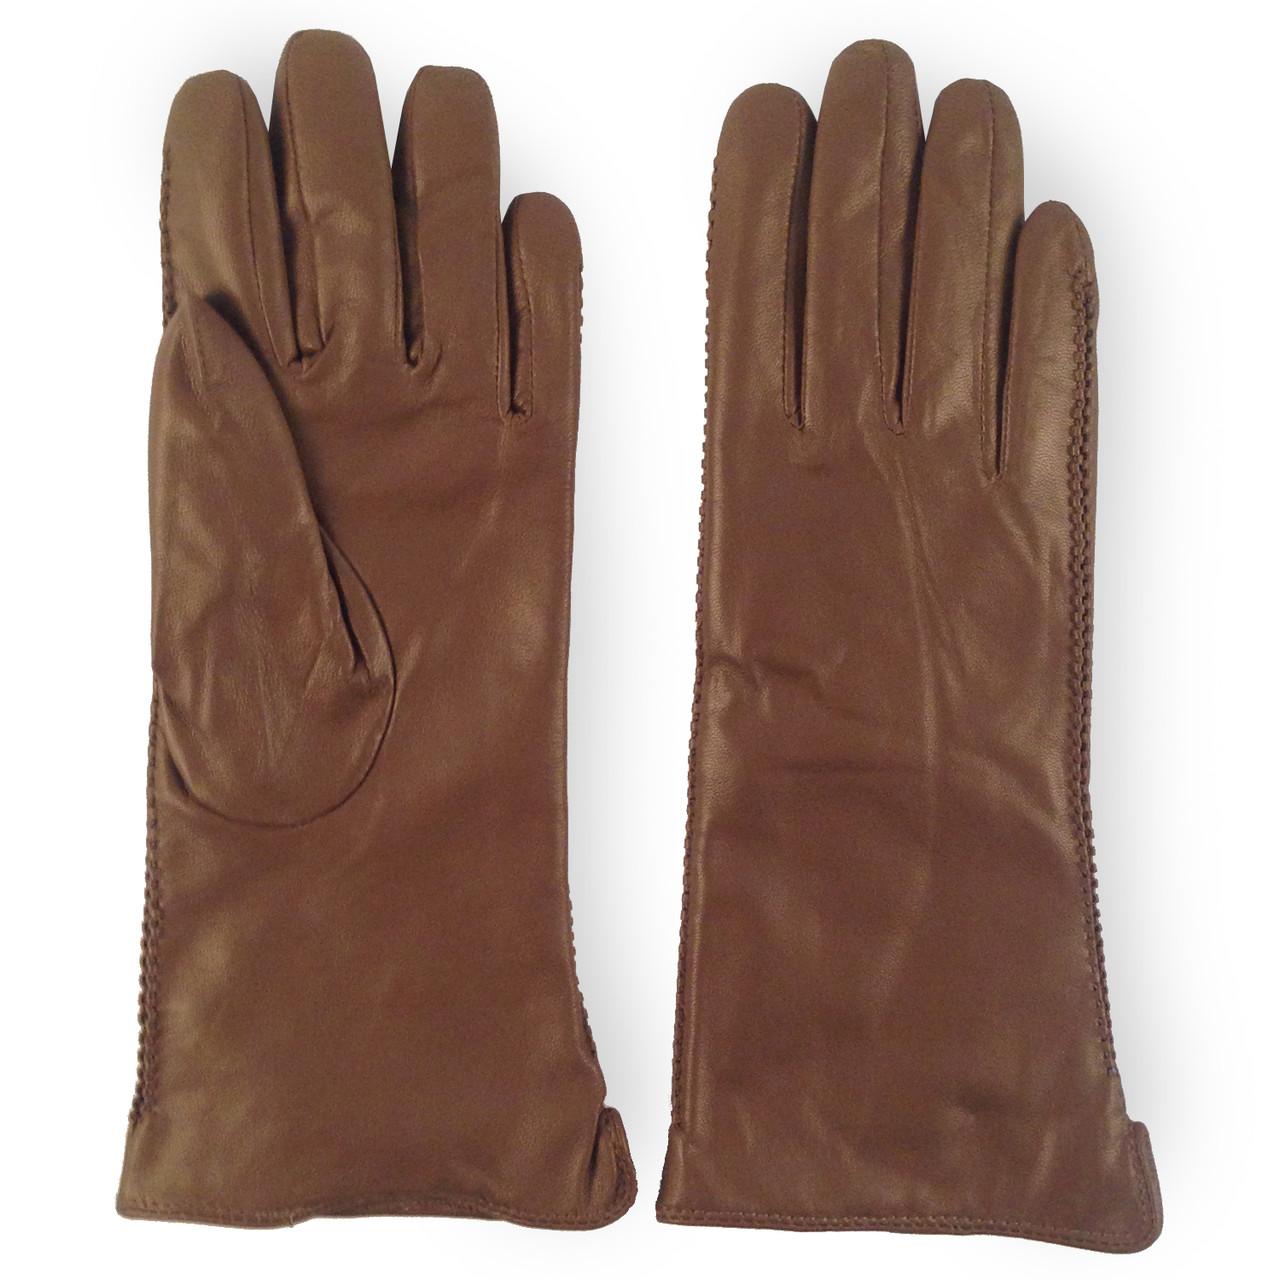 Женские перчатки ( кожаные, зимние, цвета кофе с молоком, мех шерстяной)